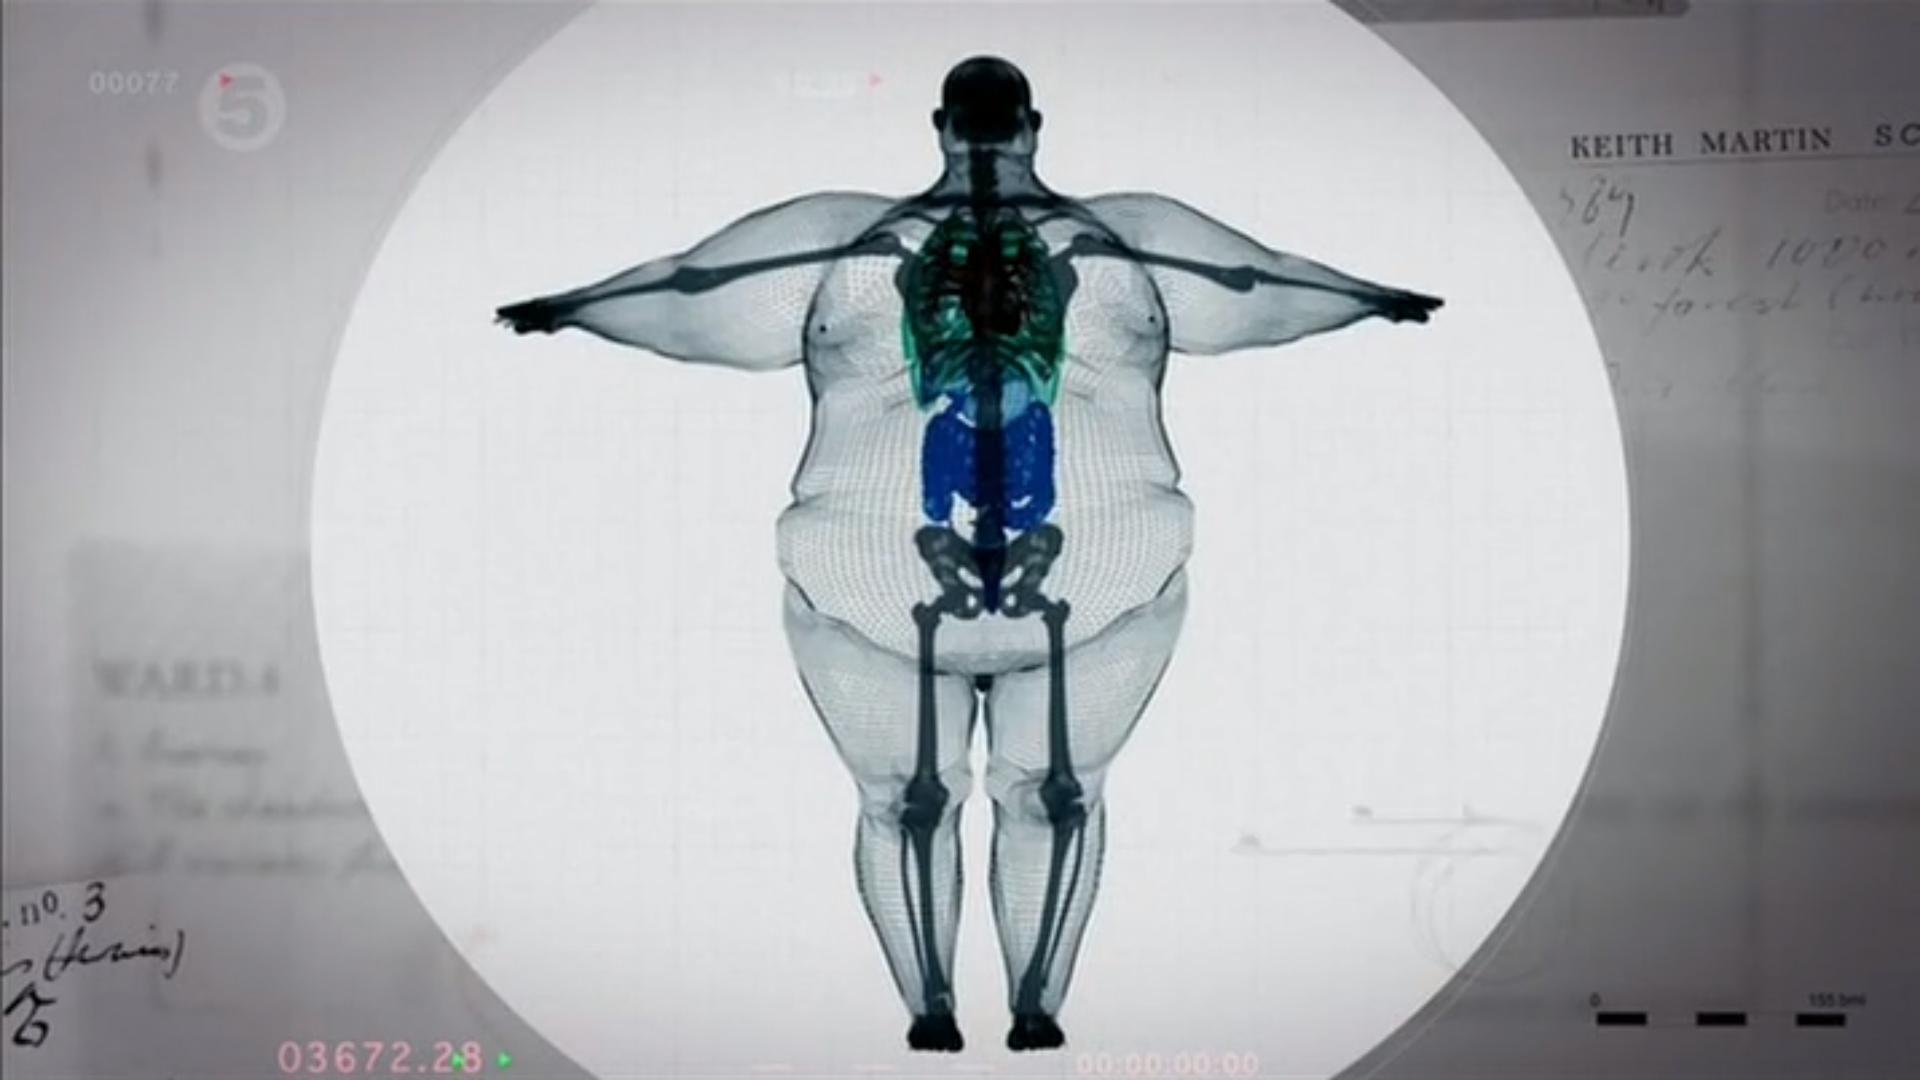 X-ray pohľad na muža 300 kilogramov v 22 neuveriteľné fotografií ...